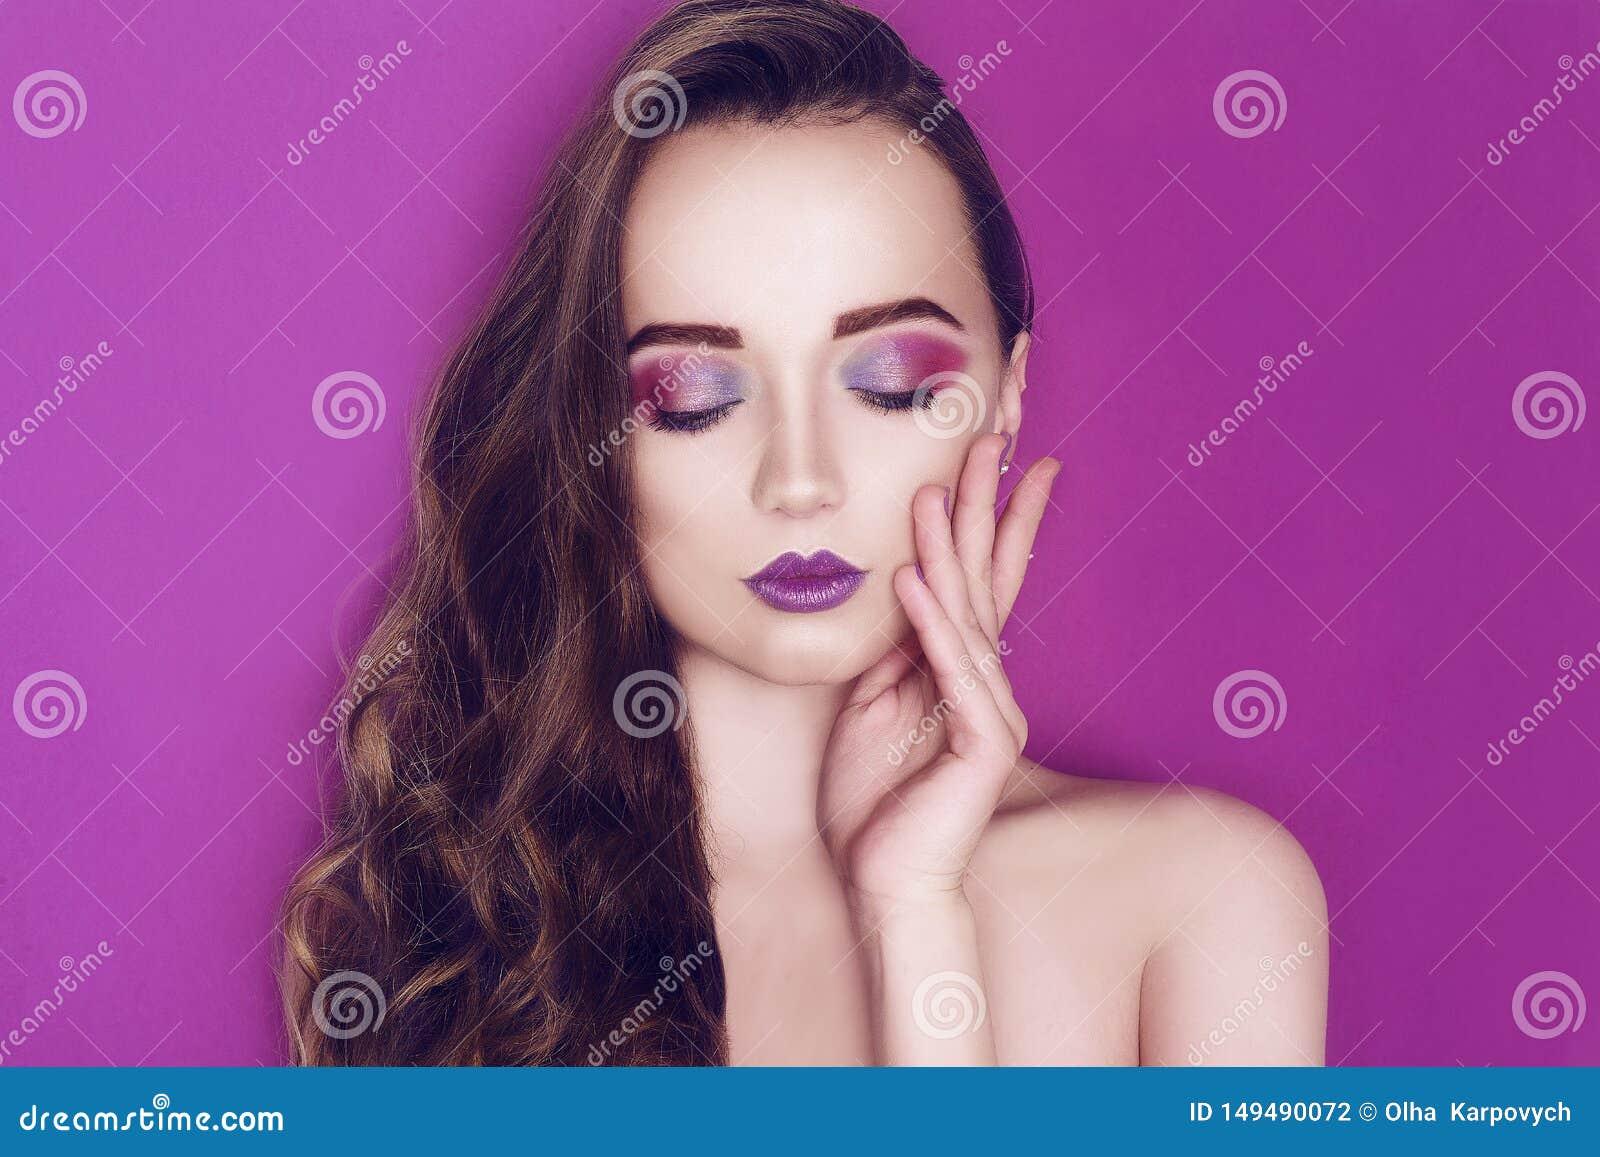 O rosa criativo e o azul da mulher do modelo de forma comp?em Retrato da arte da beleza da menina bonita com composi??o abstrata